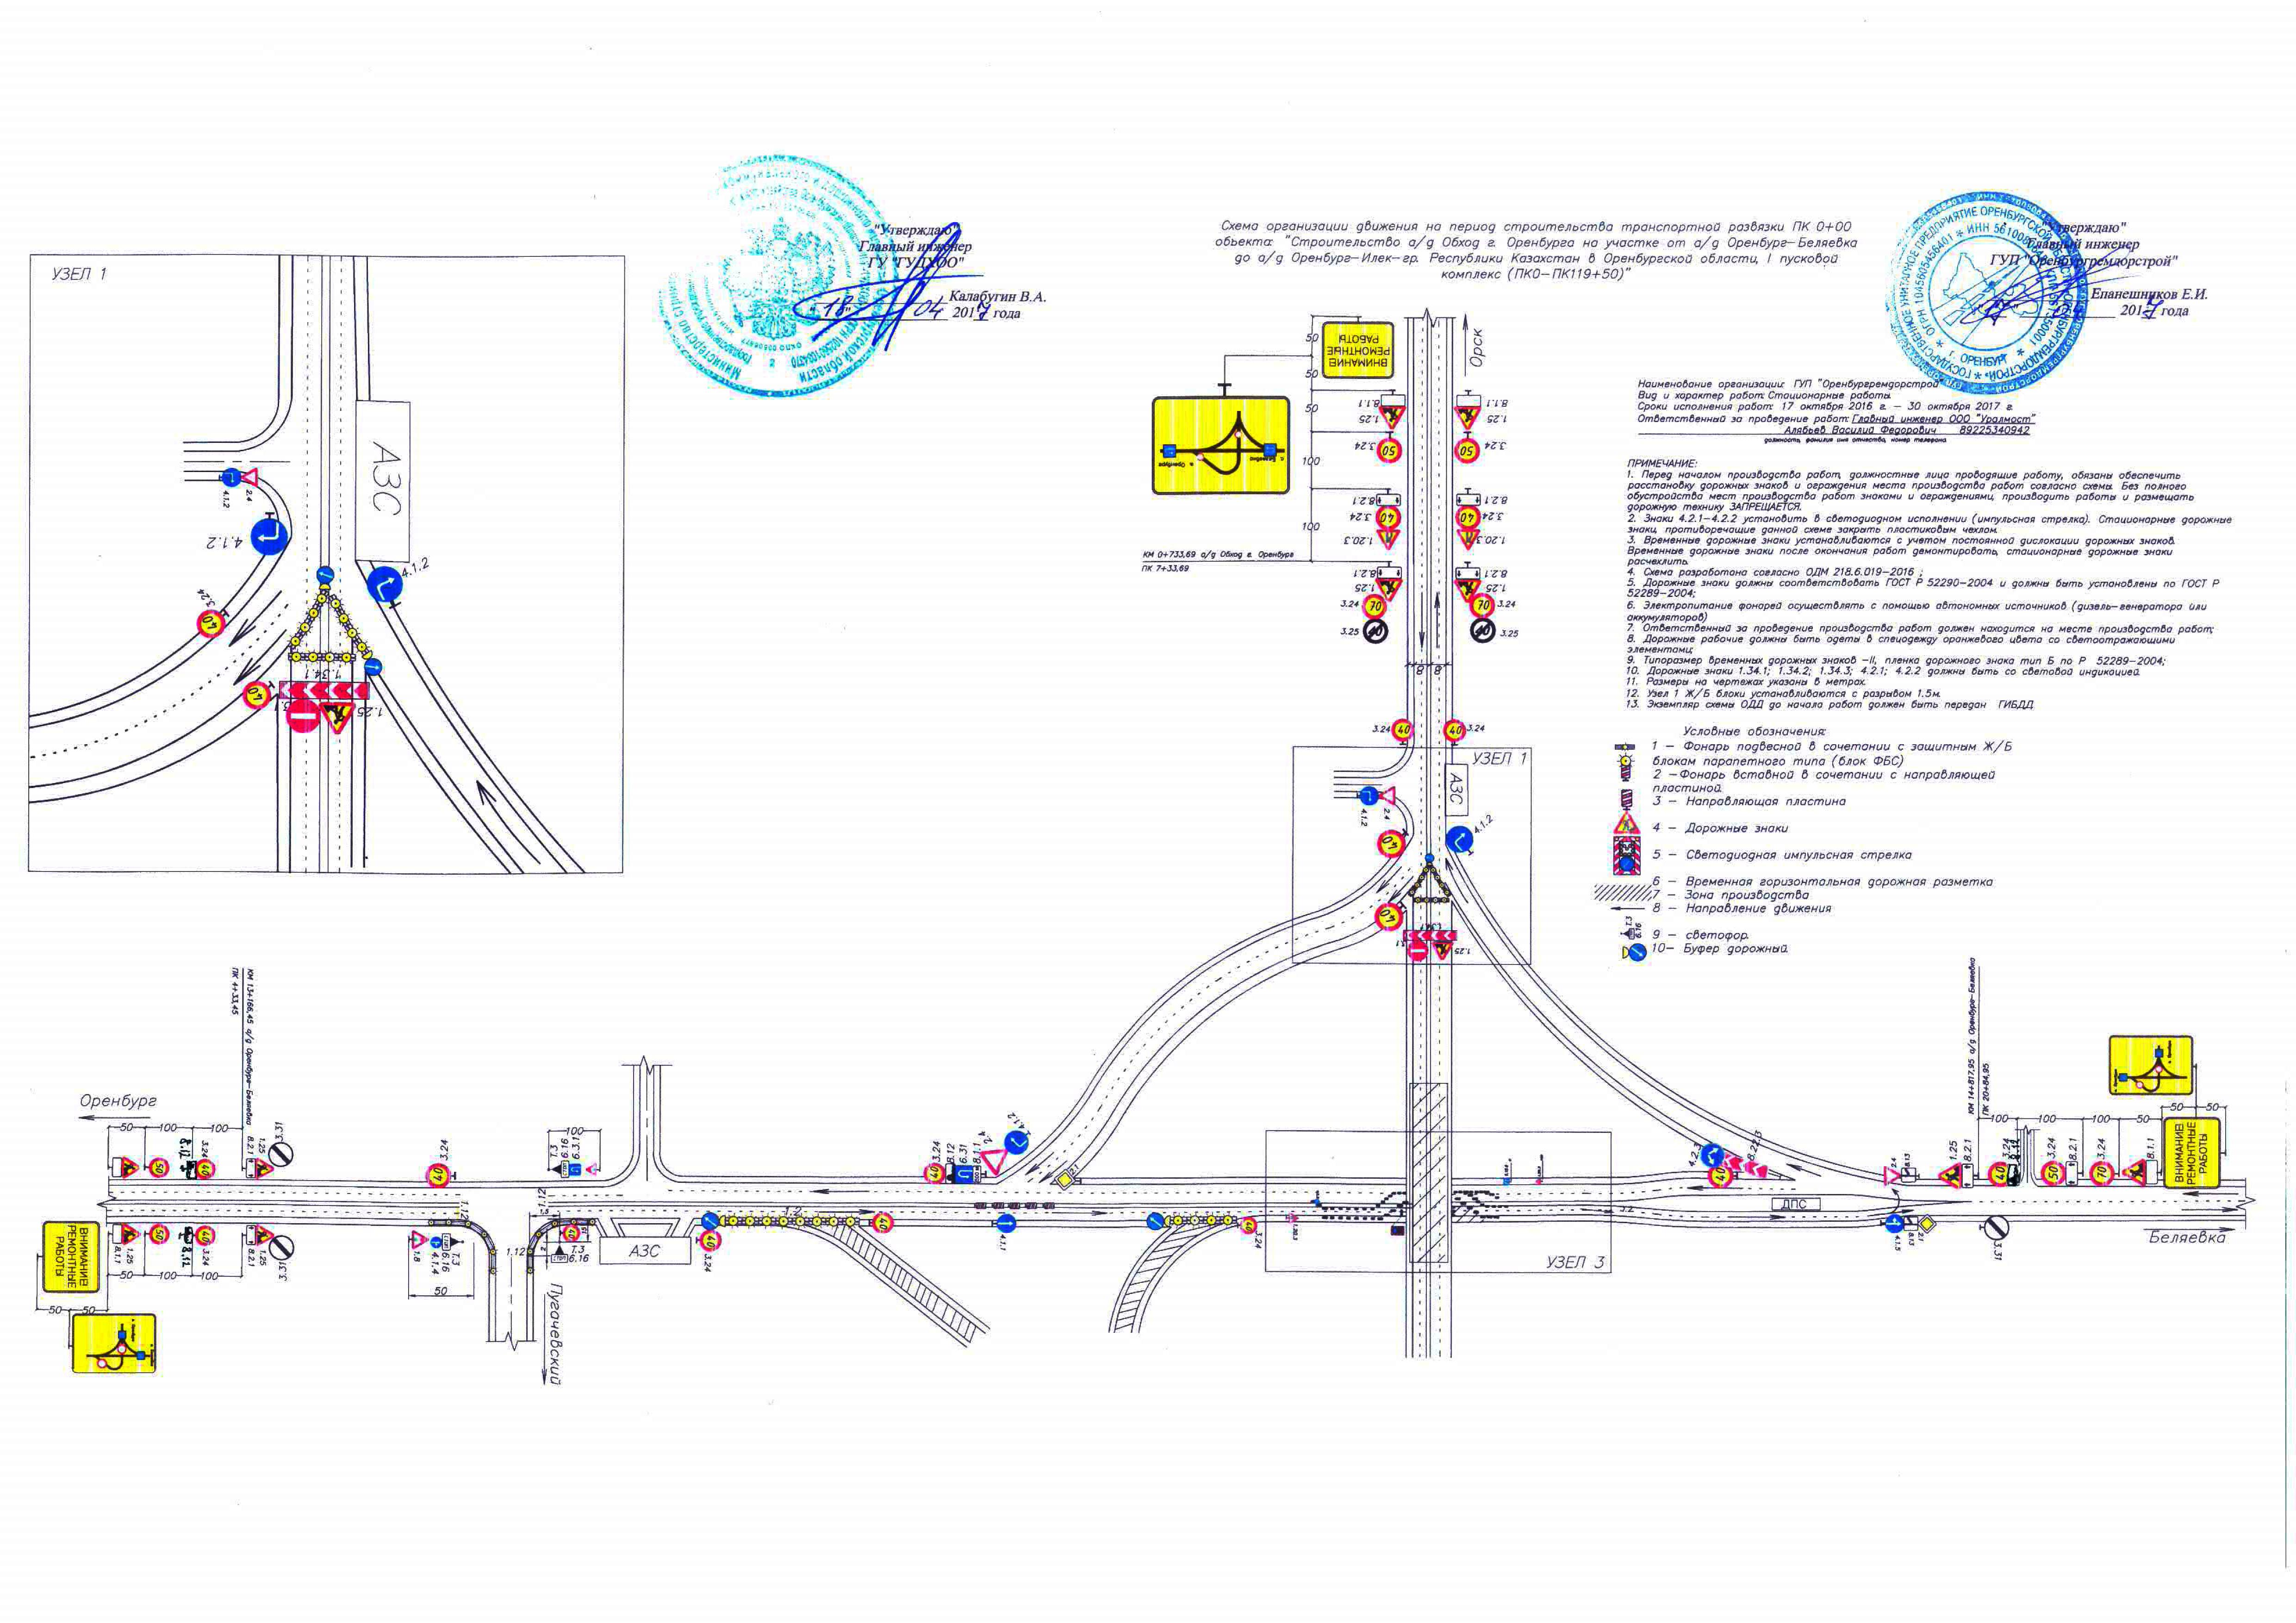 Оренбург схема движения транспорта фото 17